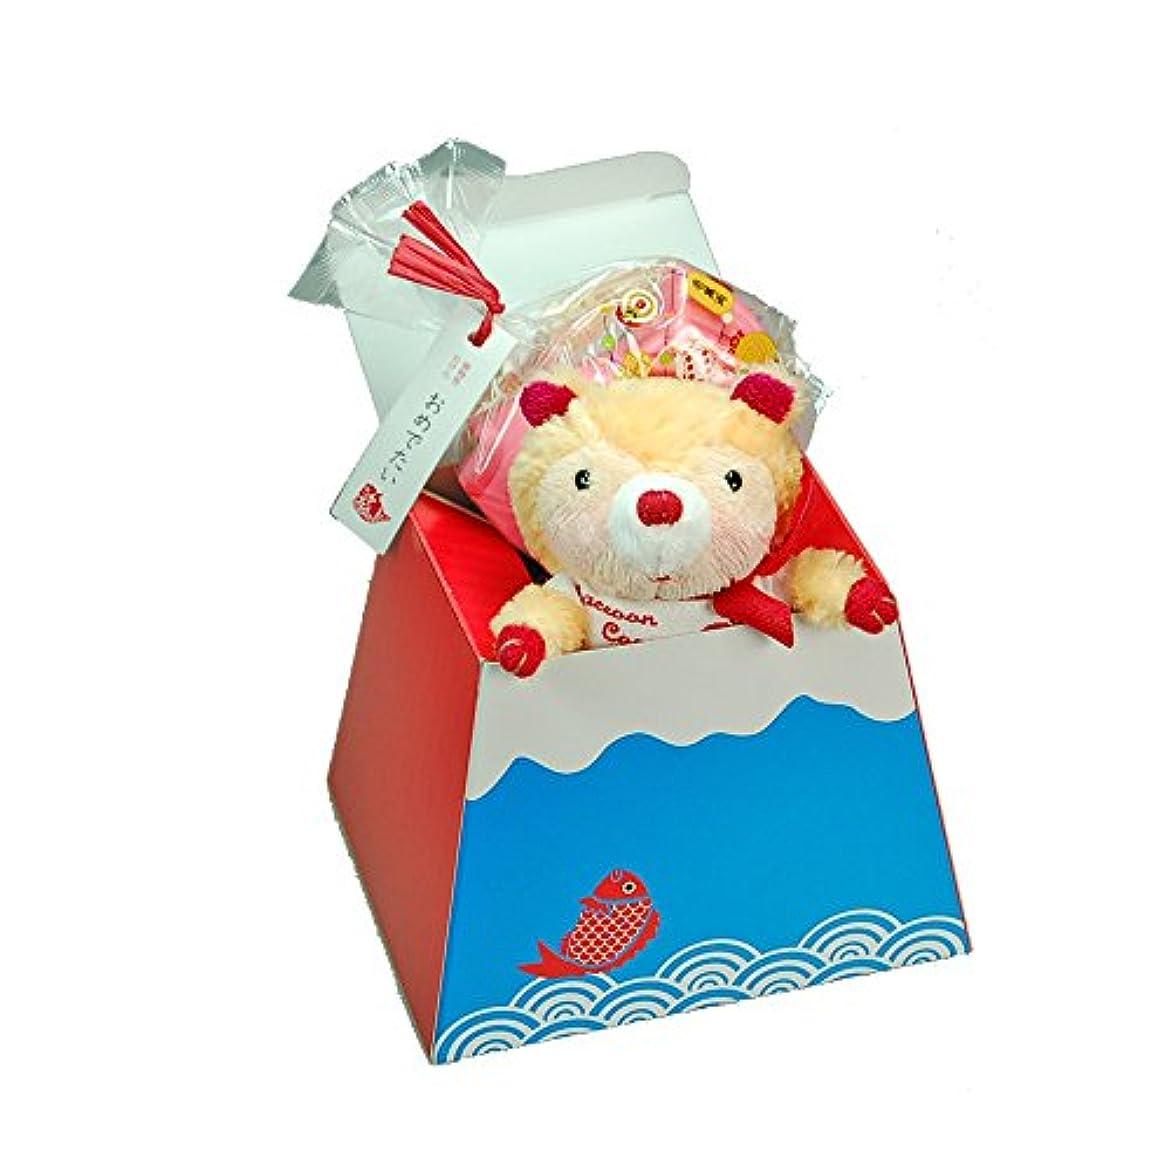 連結する光電追うプチギフト リトルマスコット 鯛 石けん 富士山ラッピング付き 誕生日プレゼント お祝い 入学 卒業  (リトルセット)